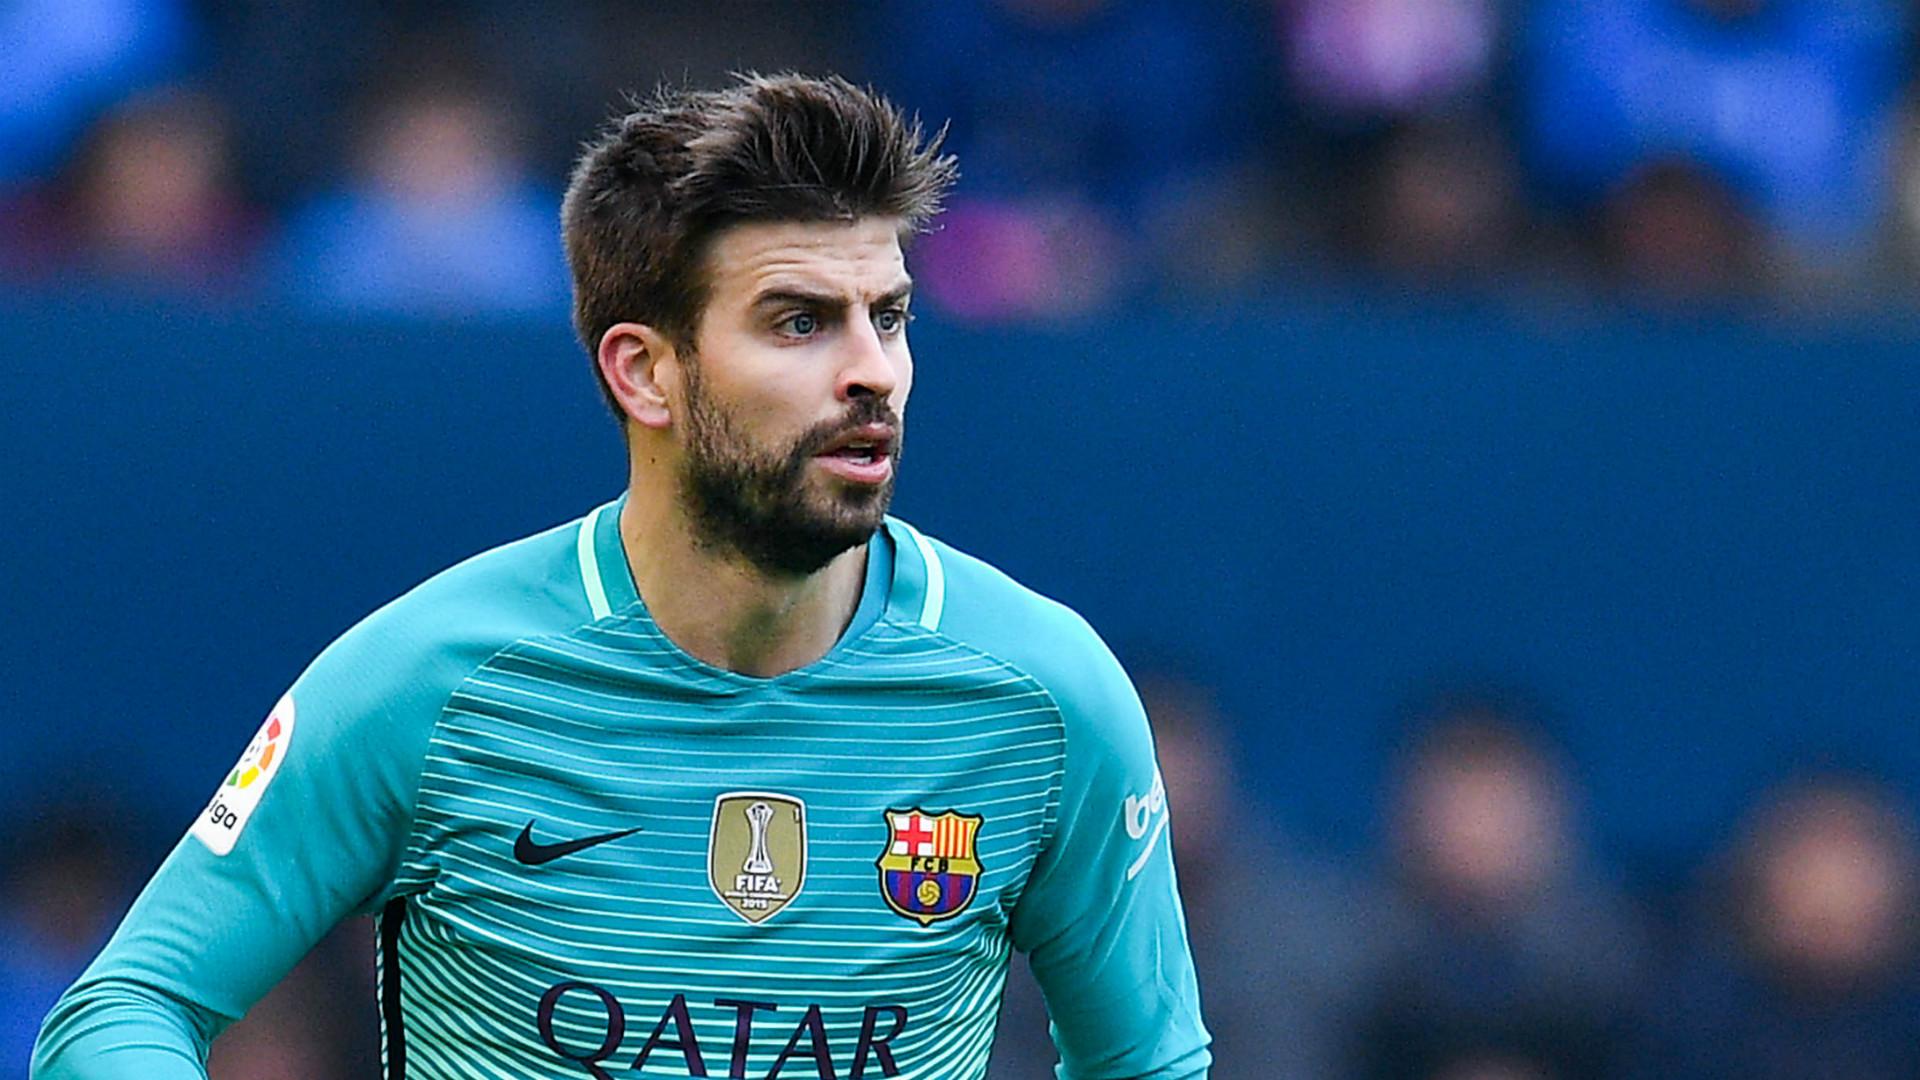 L'Atlétic Bilbao surprend le Barça — Coupe du Roi